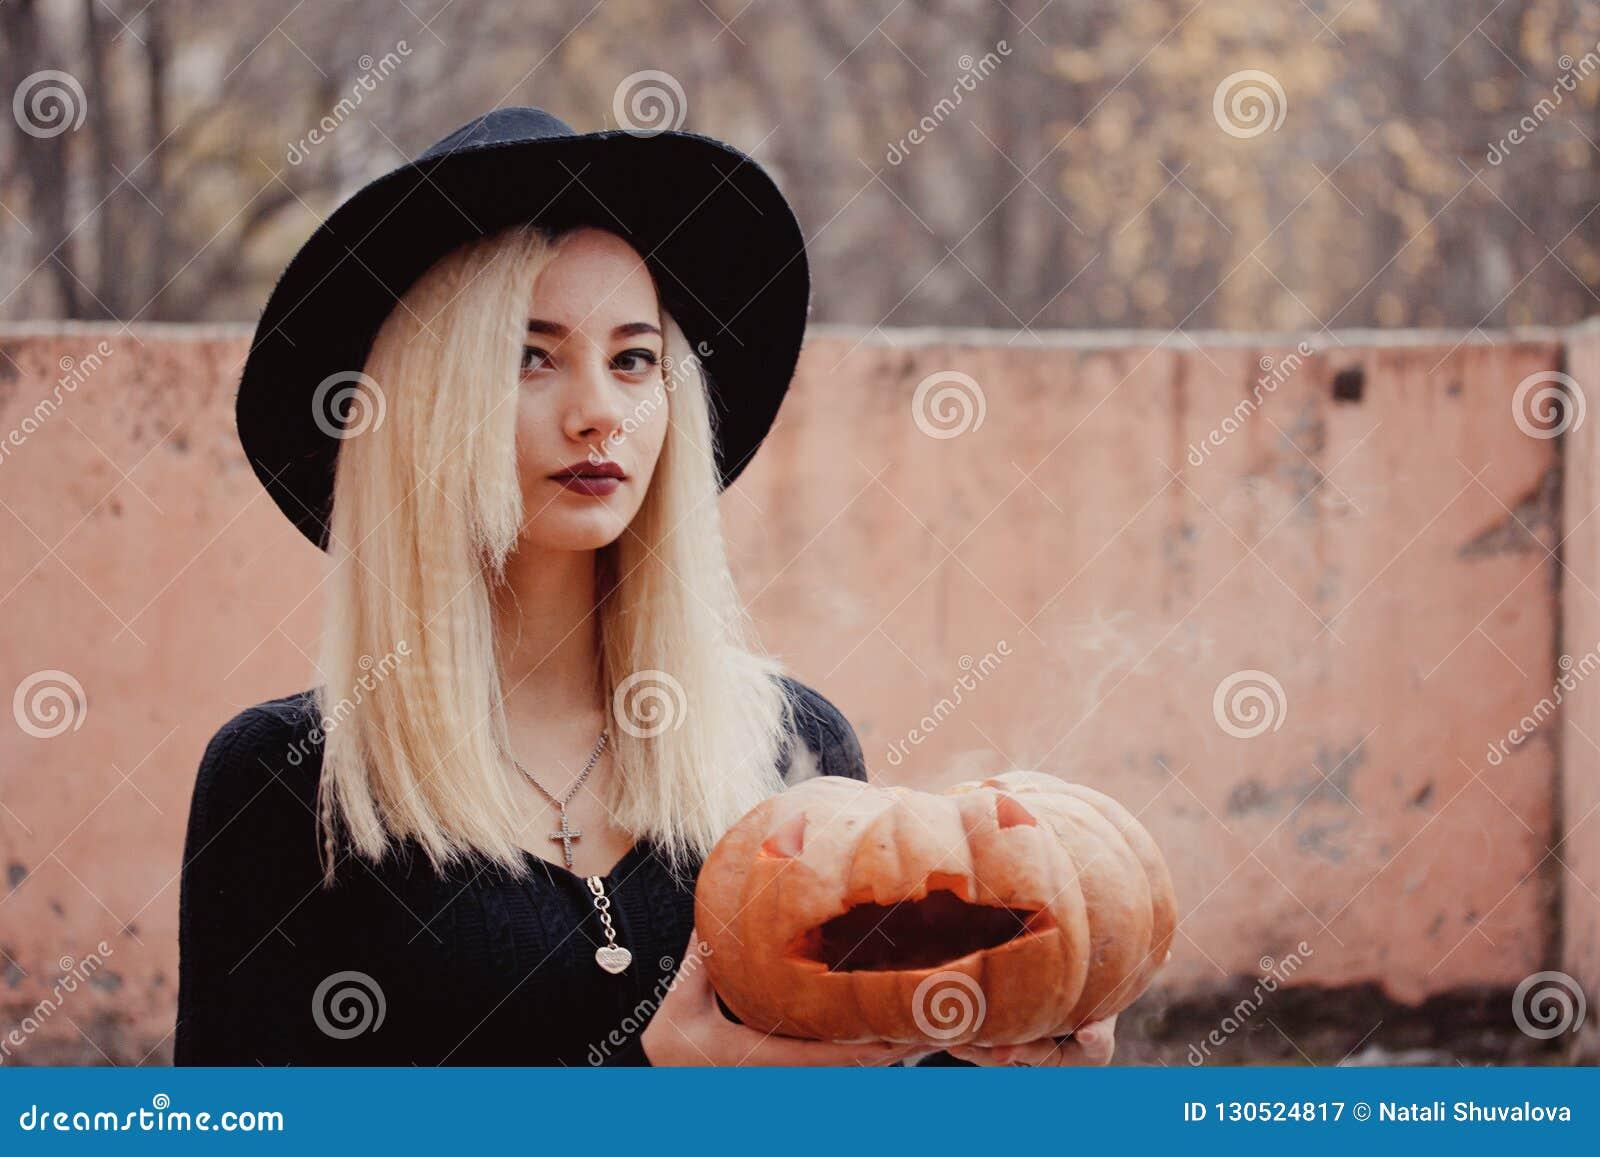 Νέα γυναίκα στο μαύρο παλτό που κρατά την κολοκύθα αποκριών με τον άσπρο καπνό που έρχεται από μέσα από το το φθινόπωρο